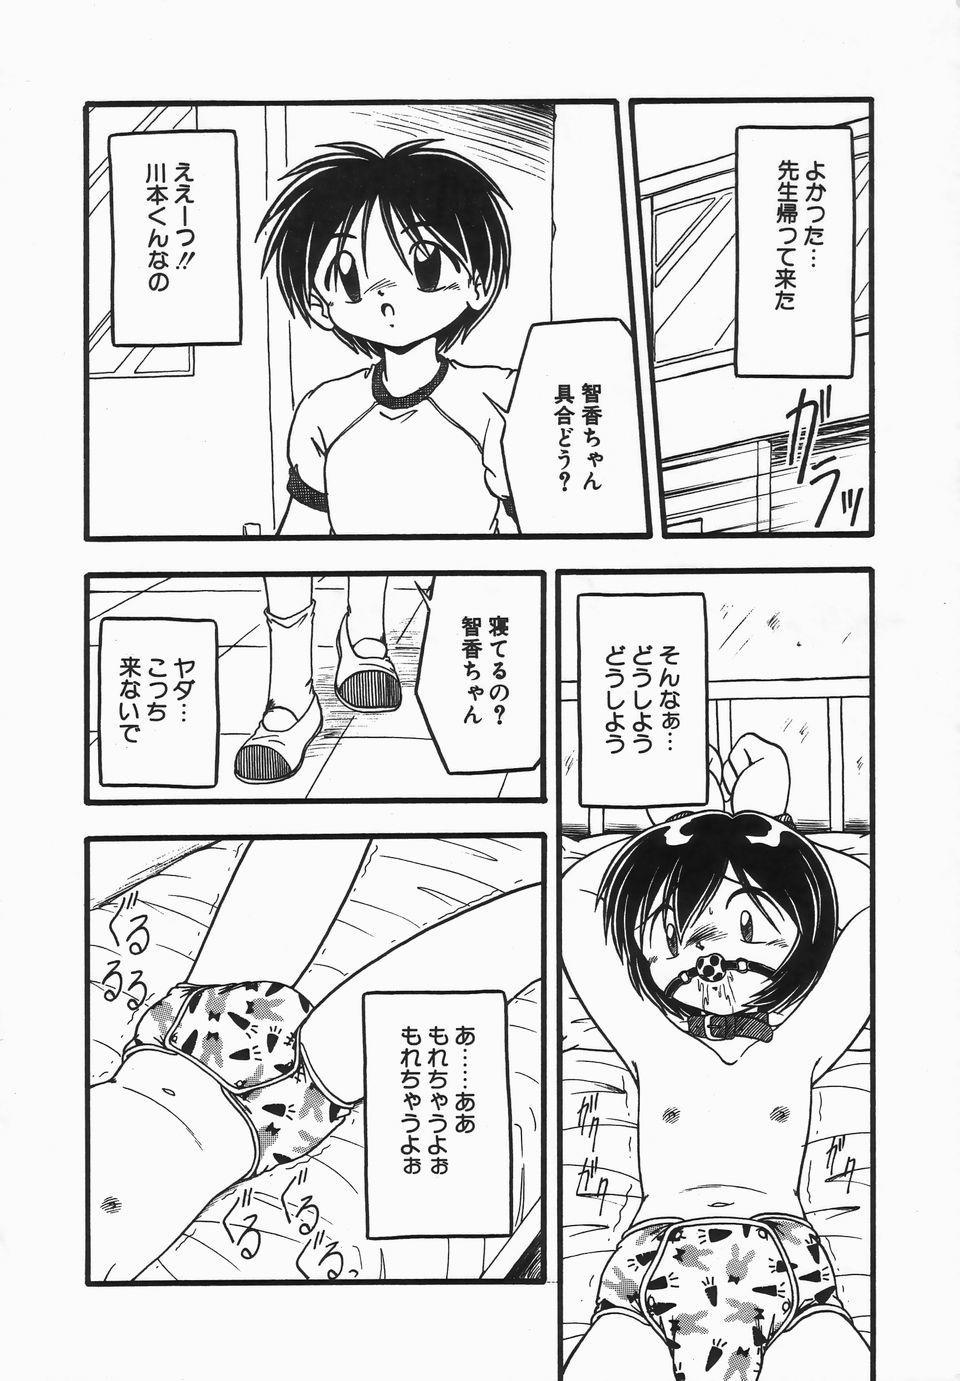 Kanchou Shoujo - Enema Girl 19